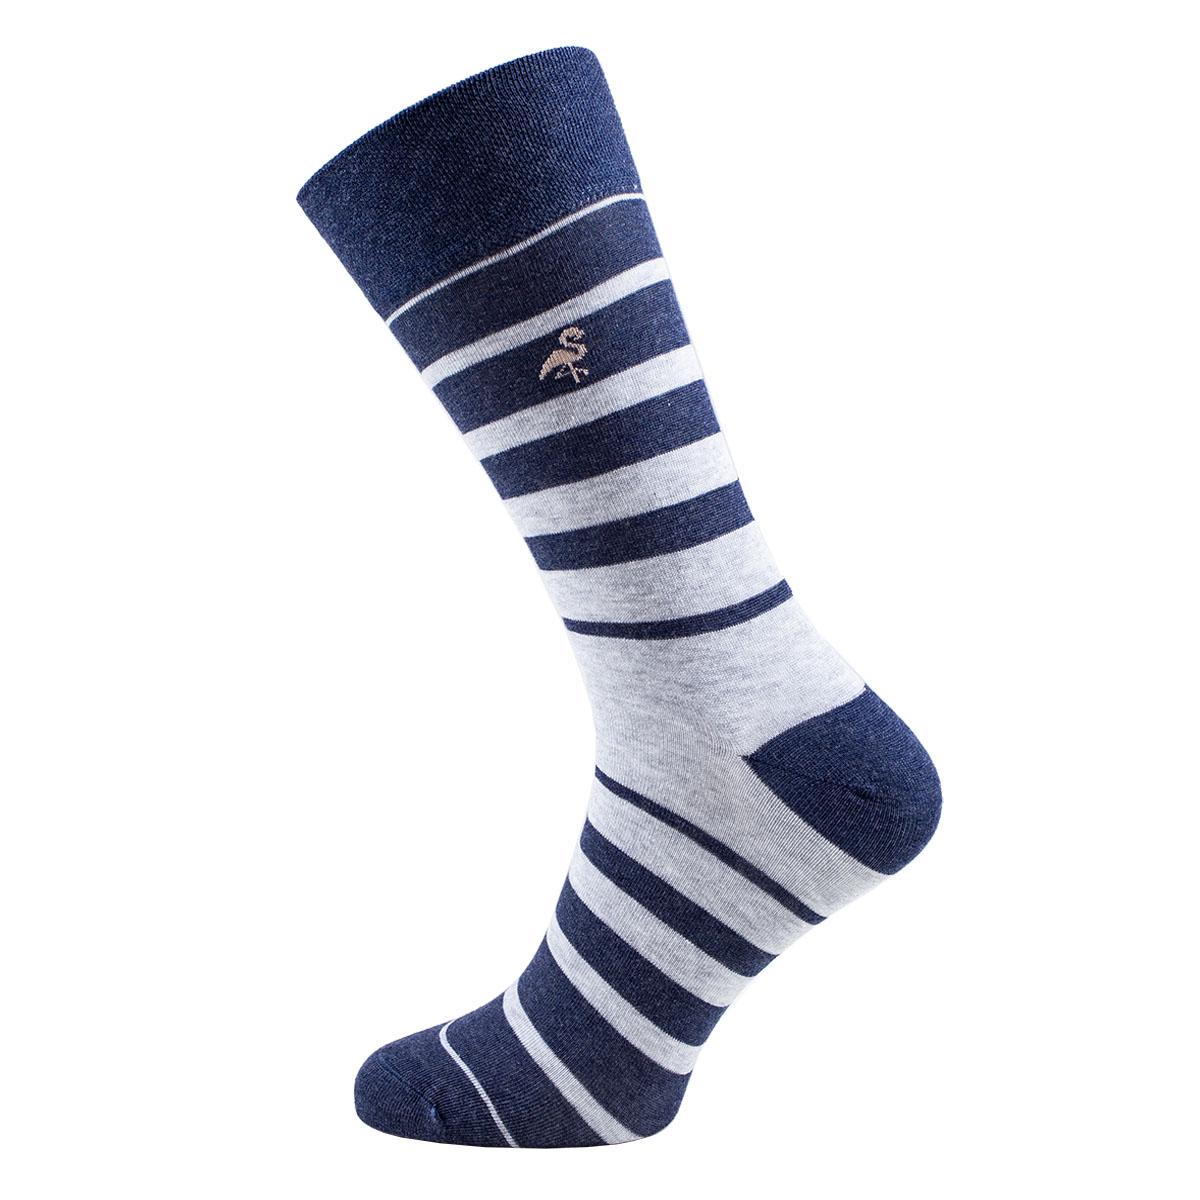 Pánské pruhované ponožky Monday šedé vel. 39-42